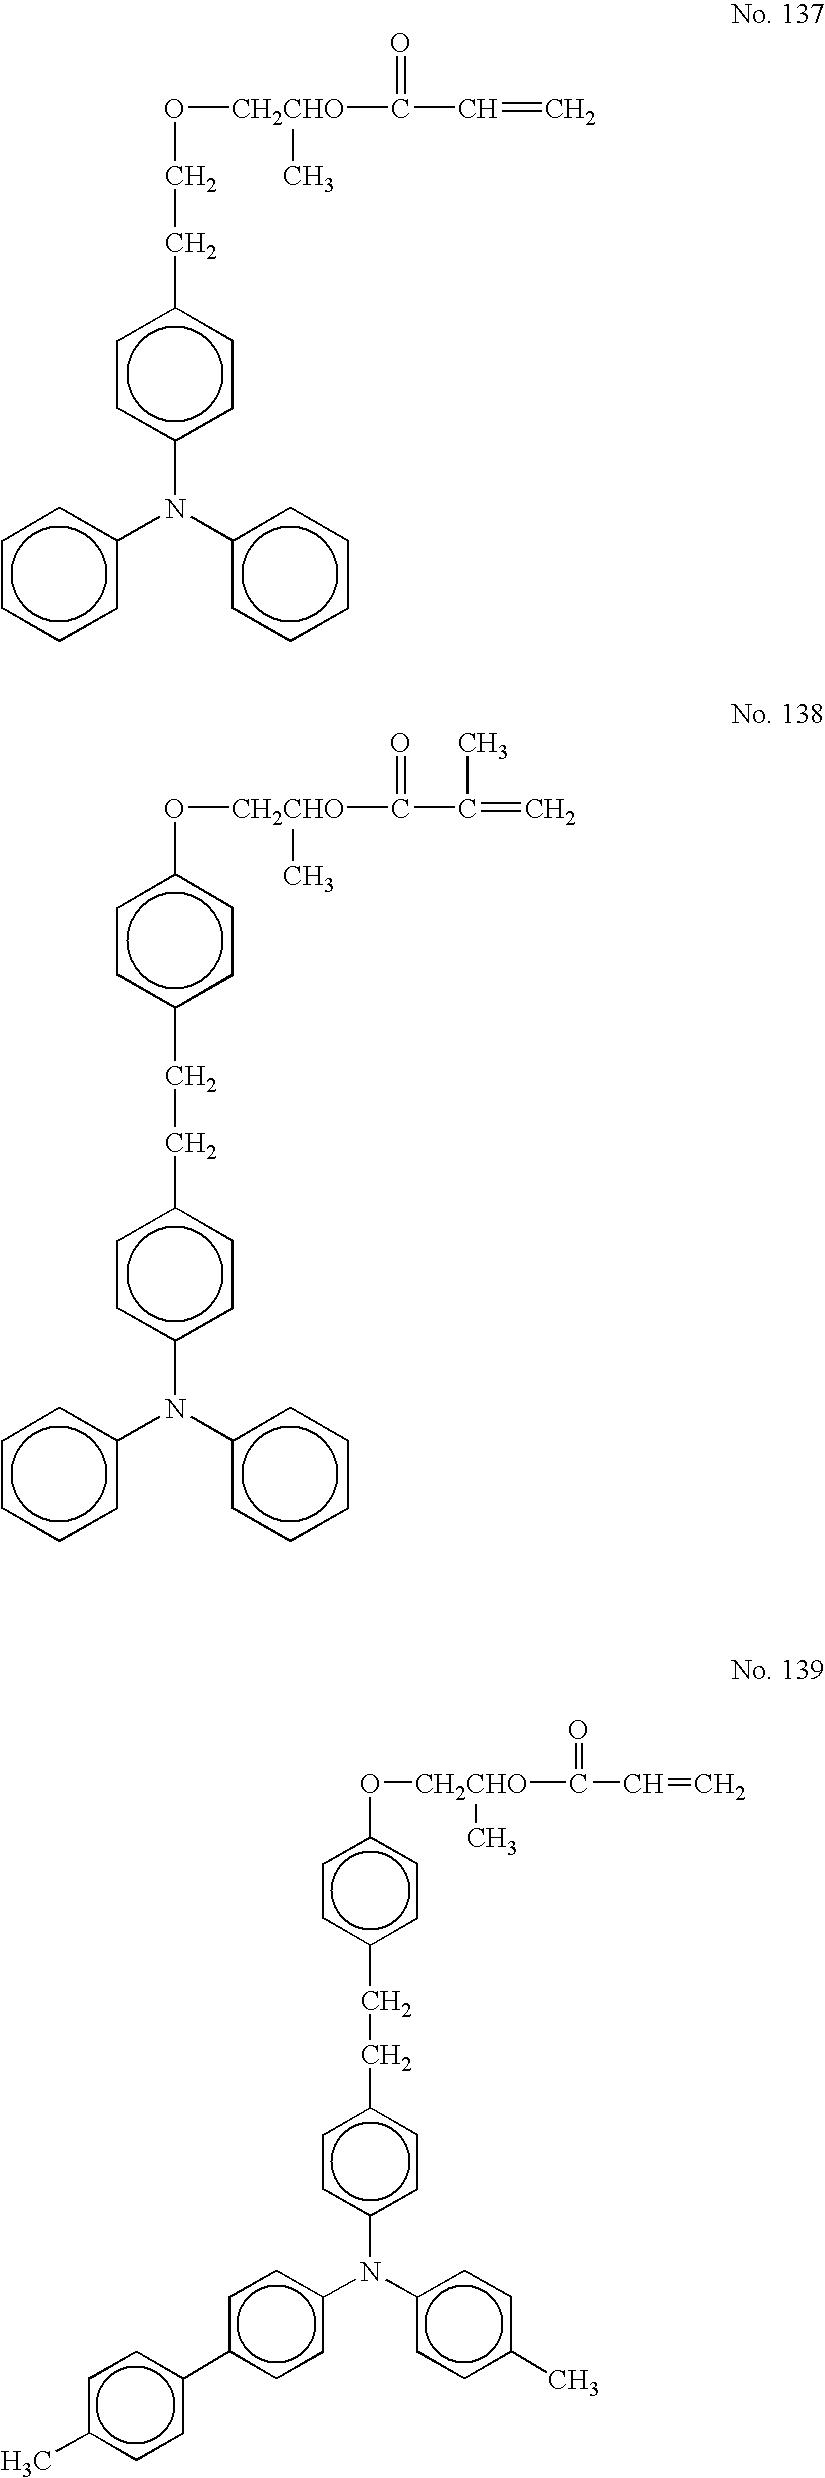 Figure US20060177749A1-20060810-C00066